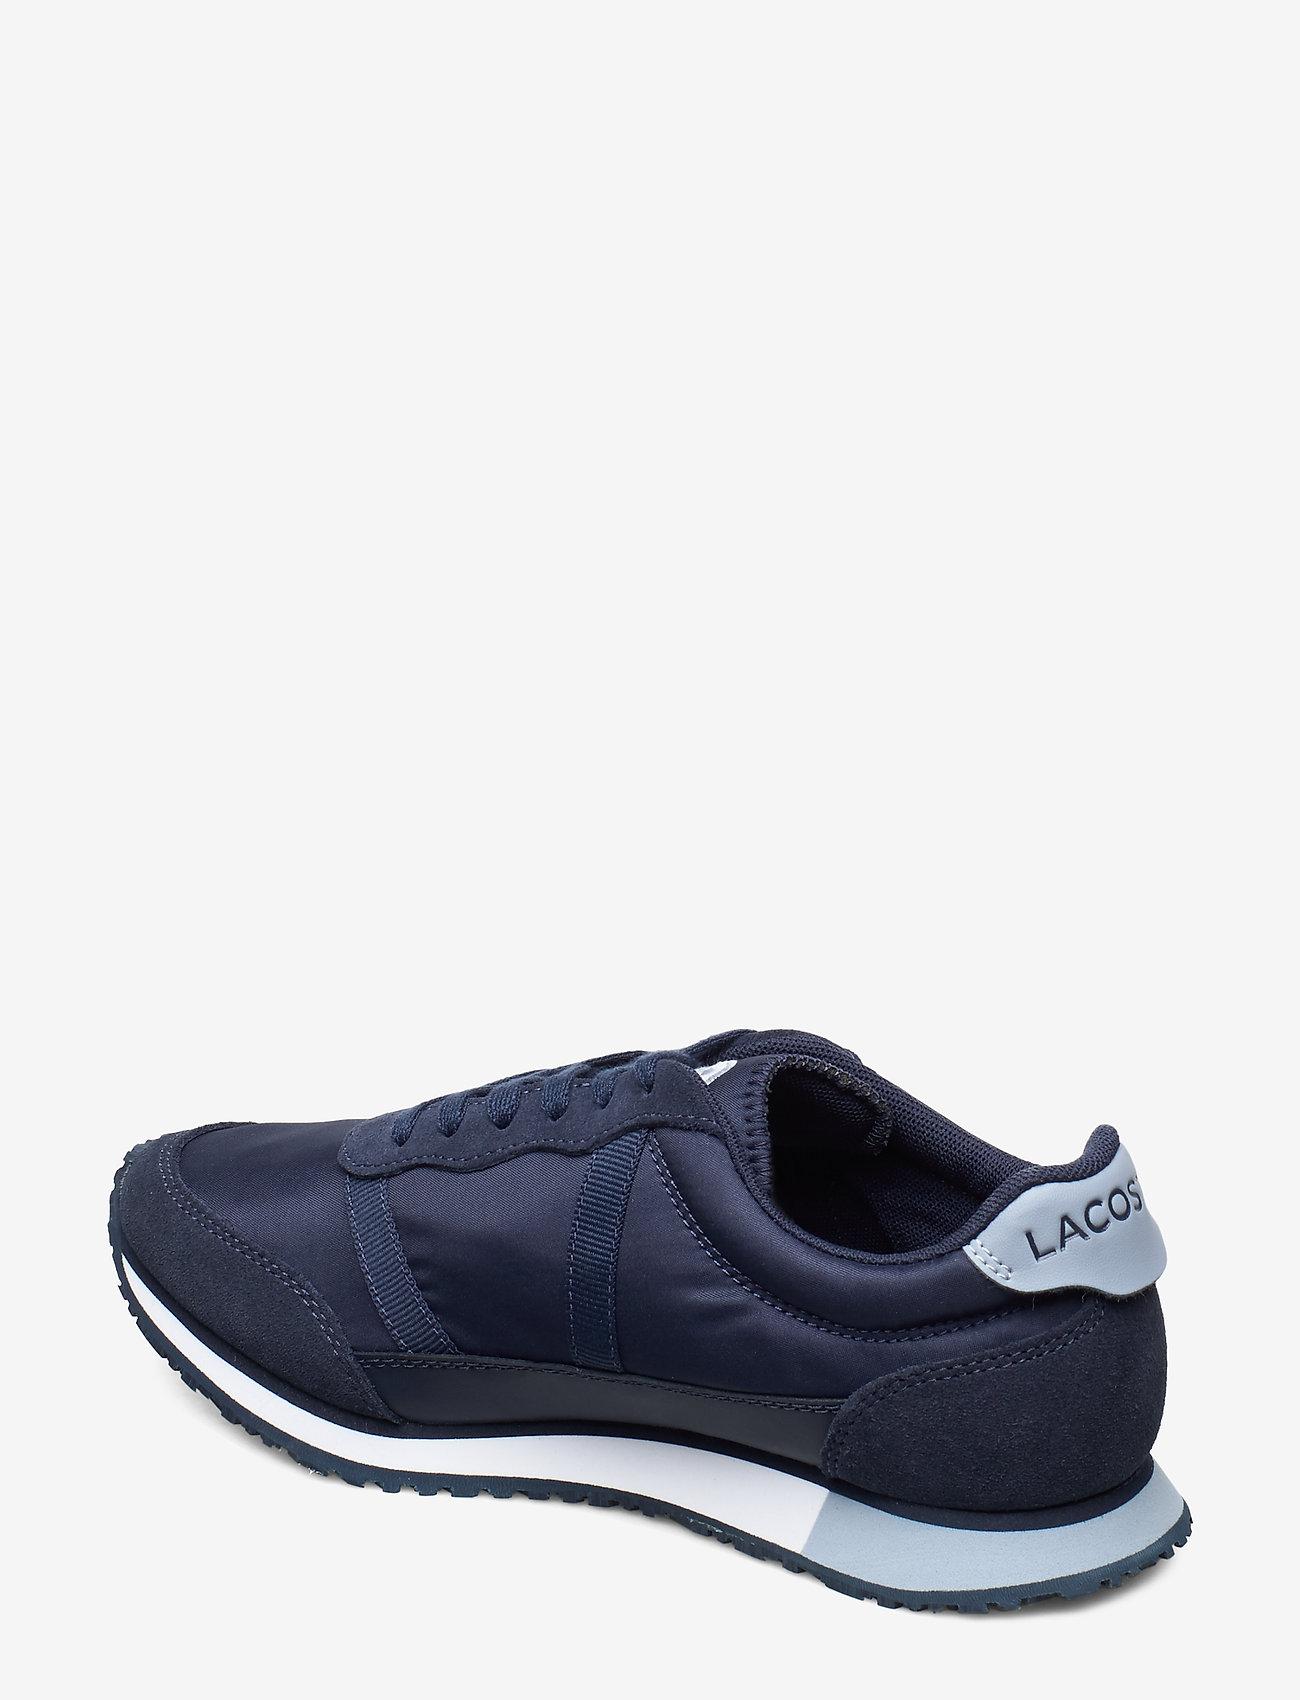 Partner 119 4 Sfa (Nvy/wht Txt/sde) - Lacoste Shoes